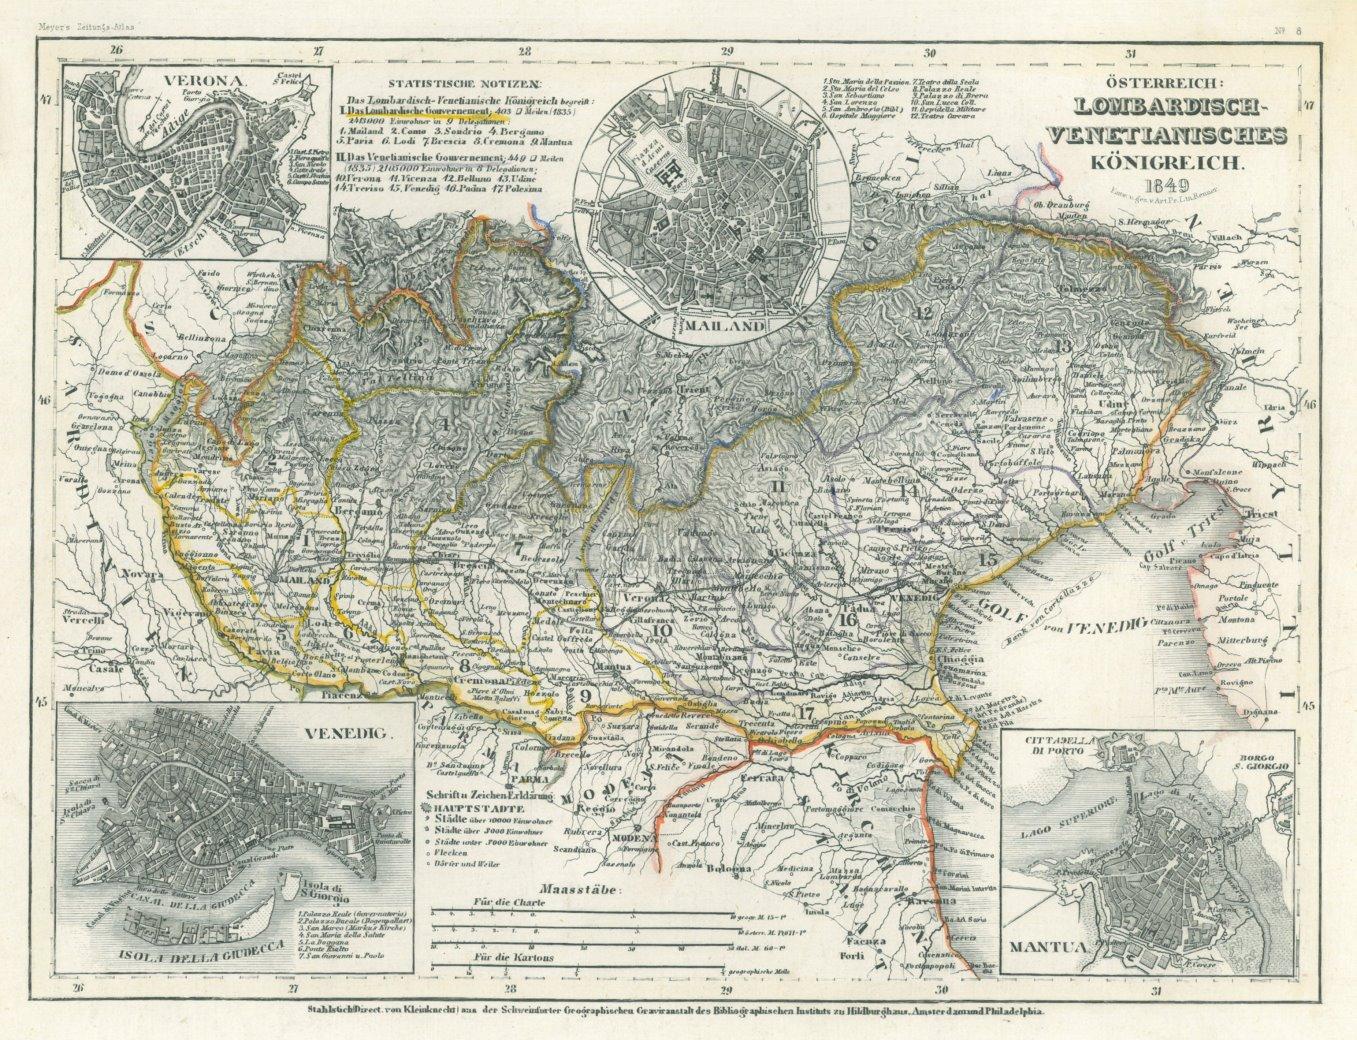 Italien Norditalien Karte Osterreich Lombardisch